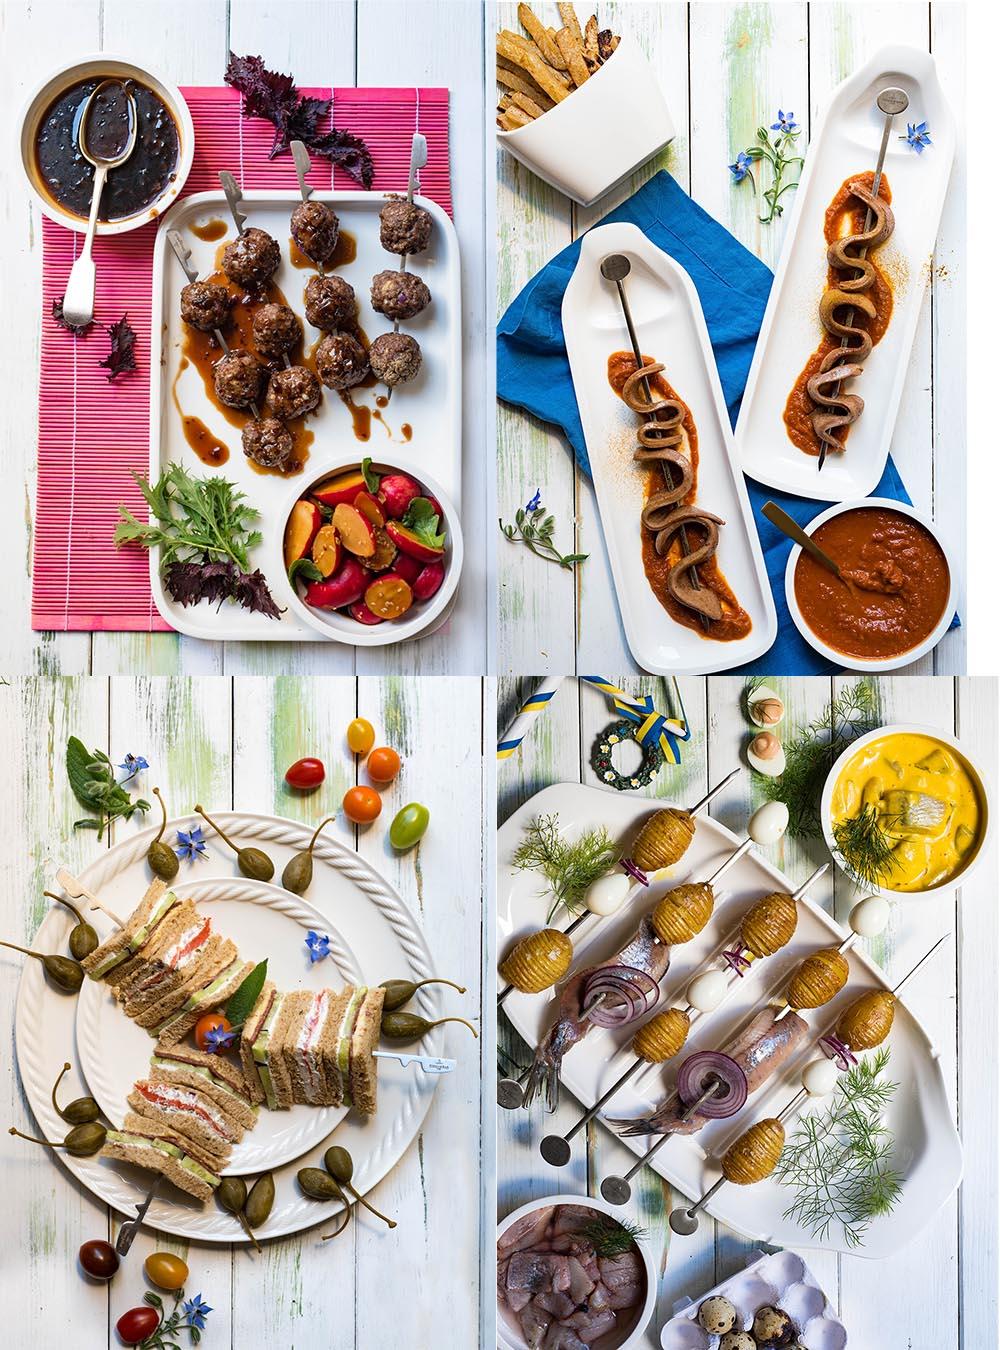 Internationale Partyspiesse aus 4 Ländern -So schmeckt Freundschaft. Schnelle Party Appetizer aus Schweden, England, Japan und Deutschland